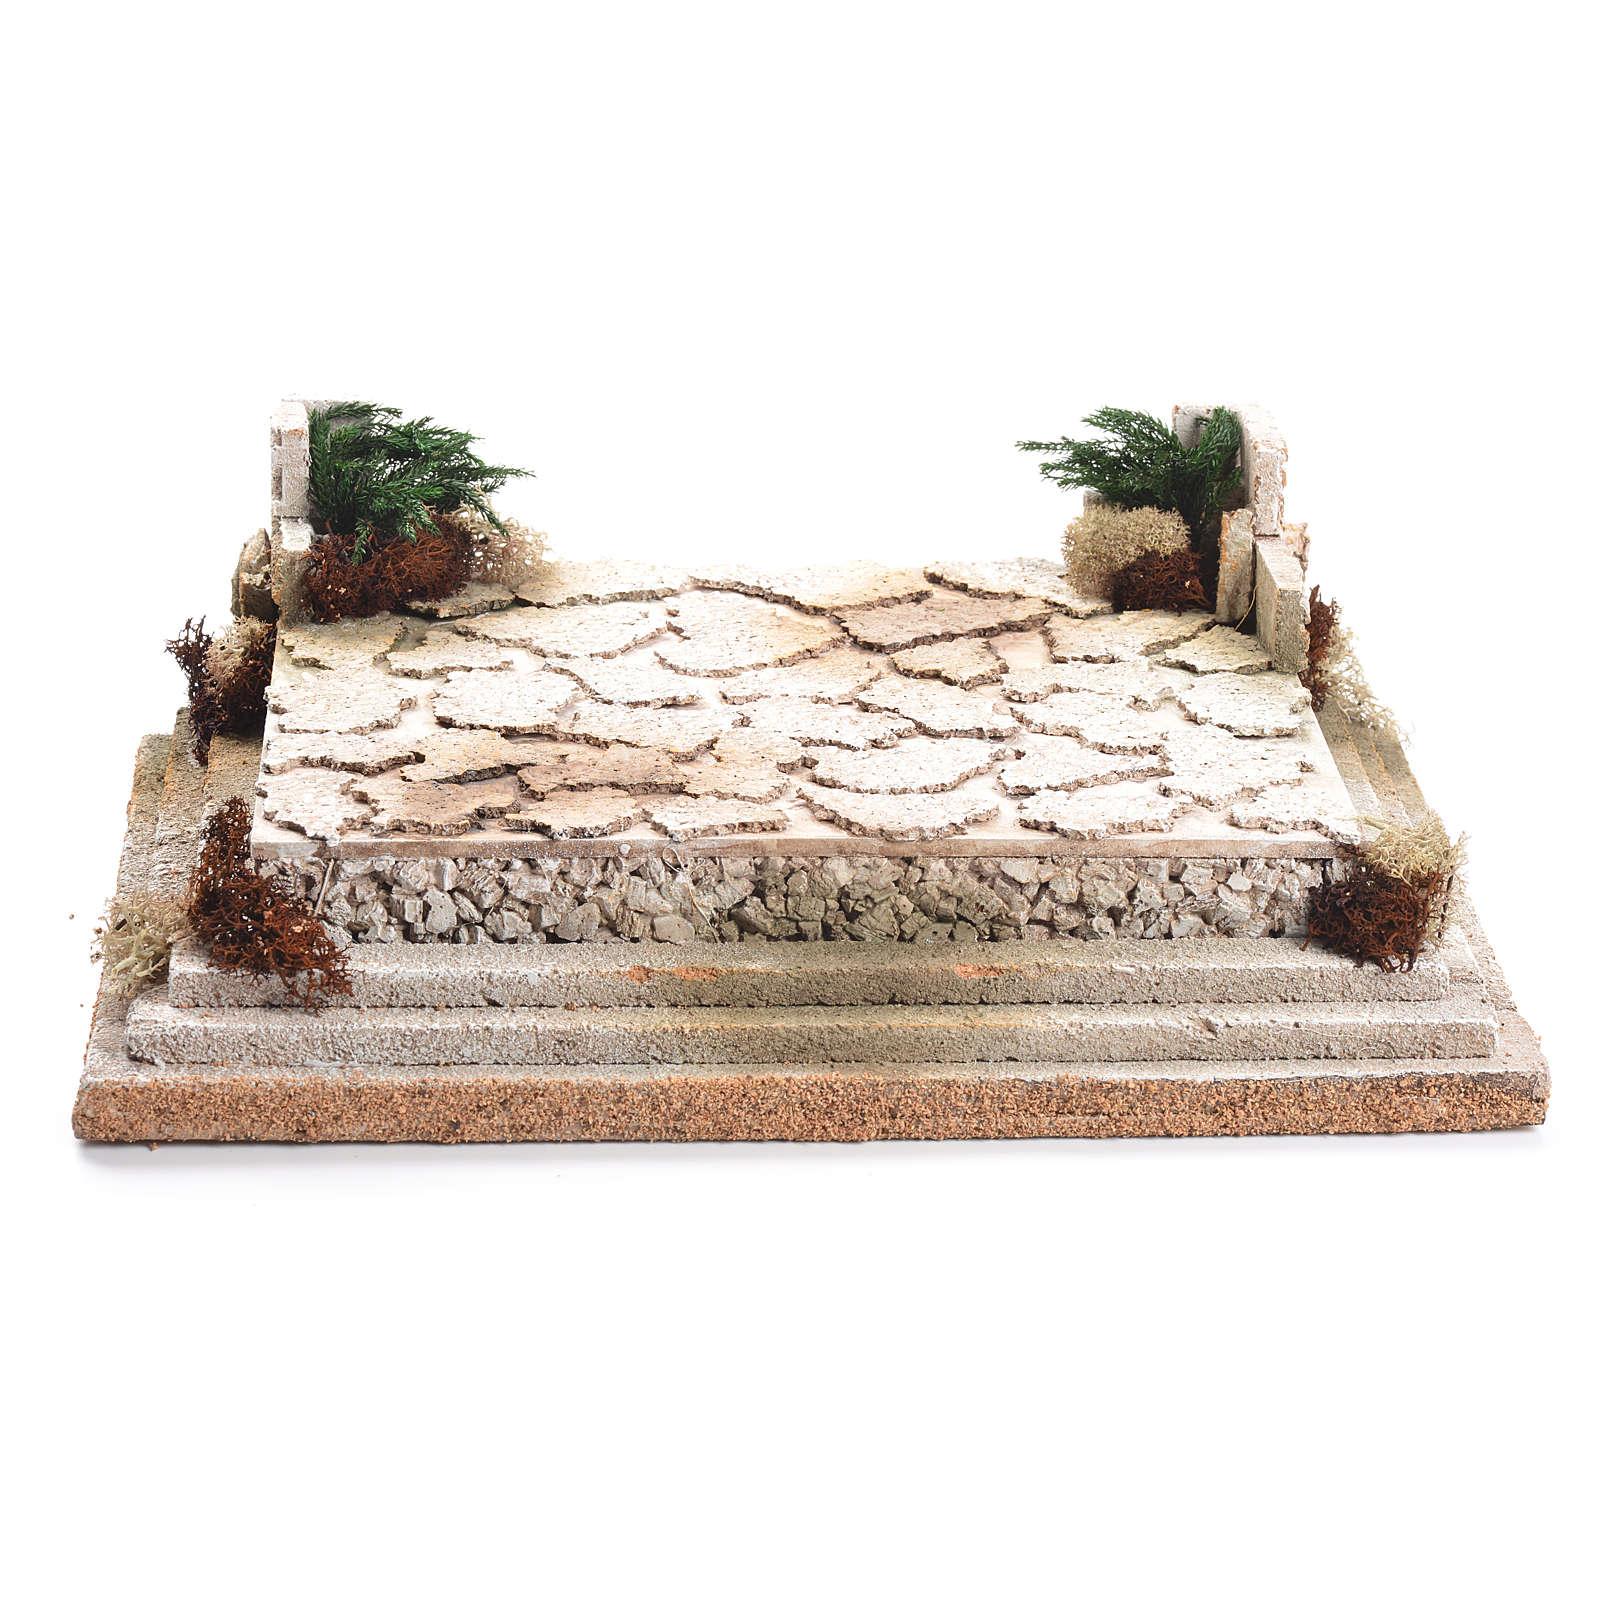 Piazza per presepe in sughero 12x35x26 cm 4